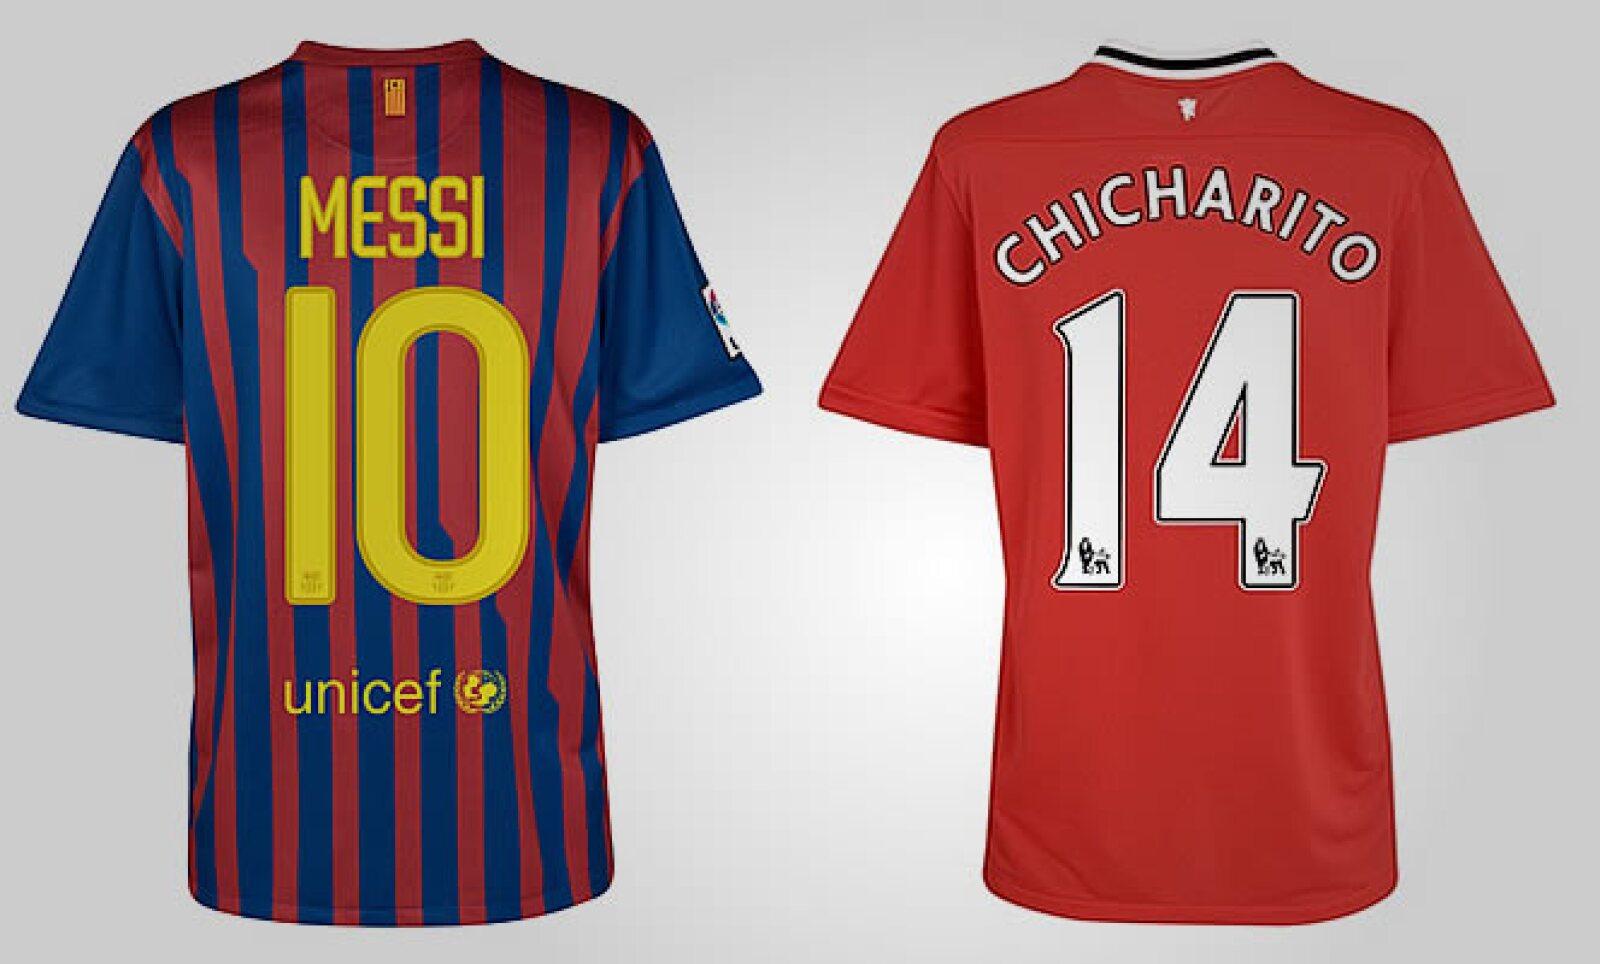 Vestir los colores favoritos de tu equipo tiene un costo que los fanáticos no dudan en desembolsar. Aquí las playeras de Messi y el 'Chicharito' Hernández; cada una cuesta 54.99 libras, algo así como 1,052 pesos más envío.